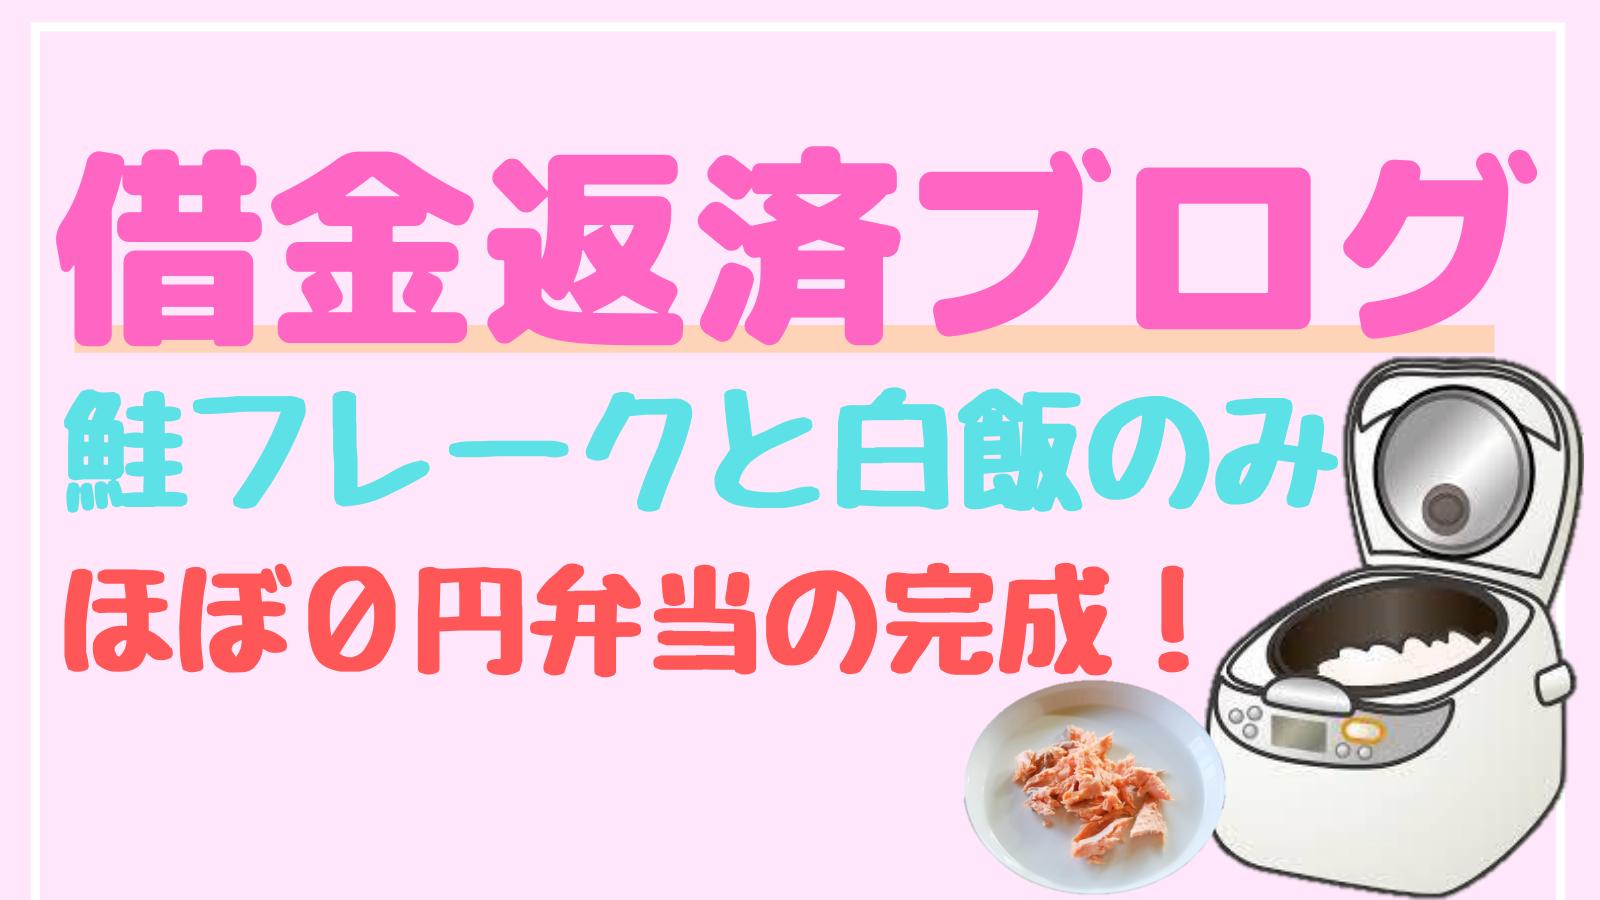 ほぼ0円弁当で食費節約